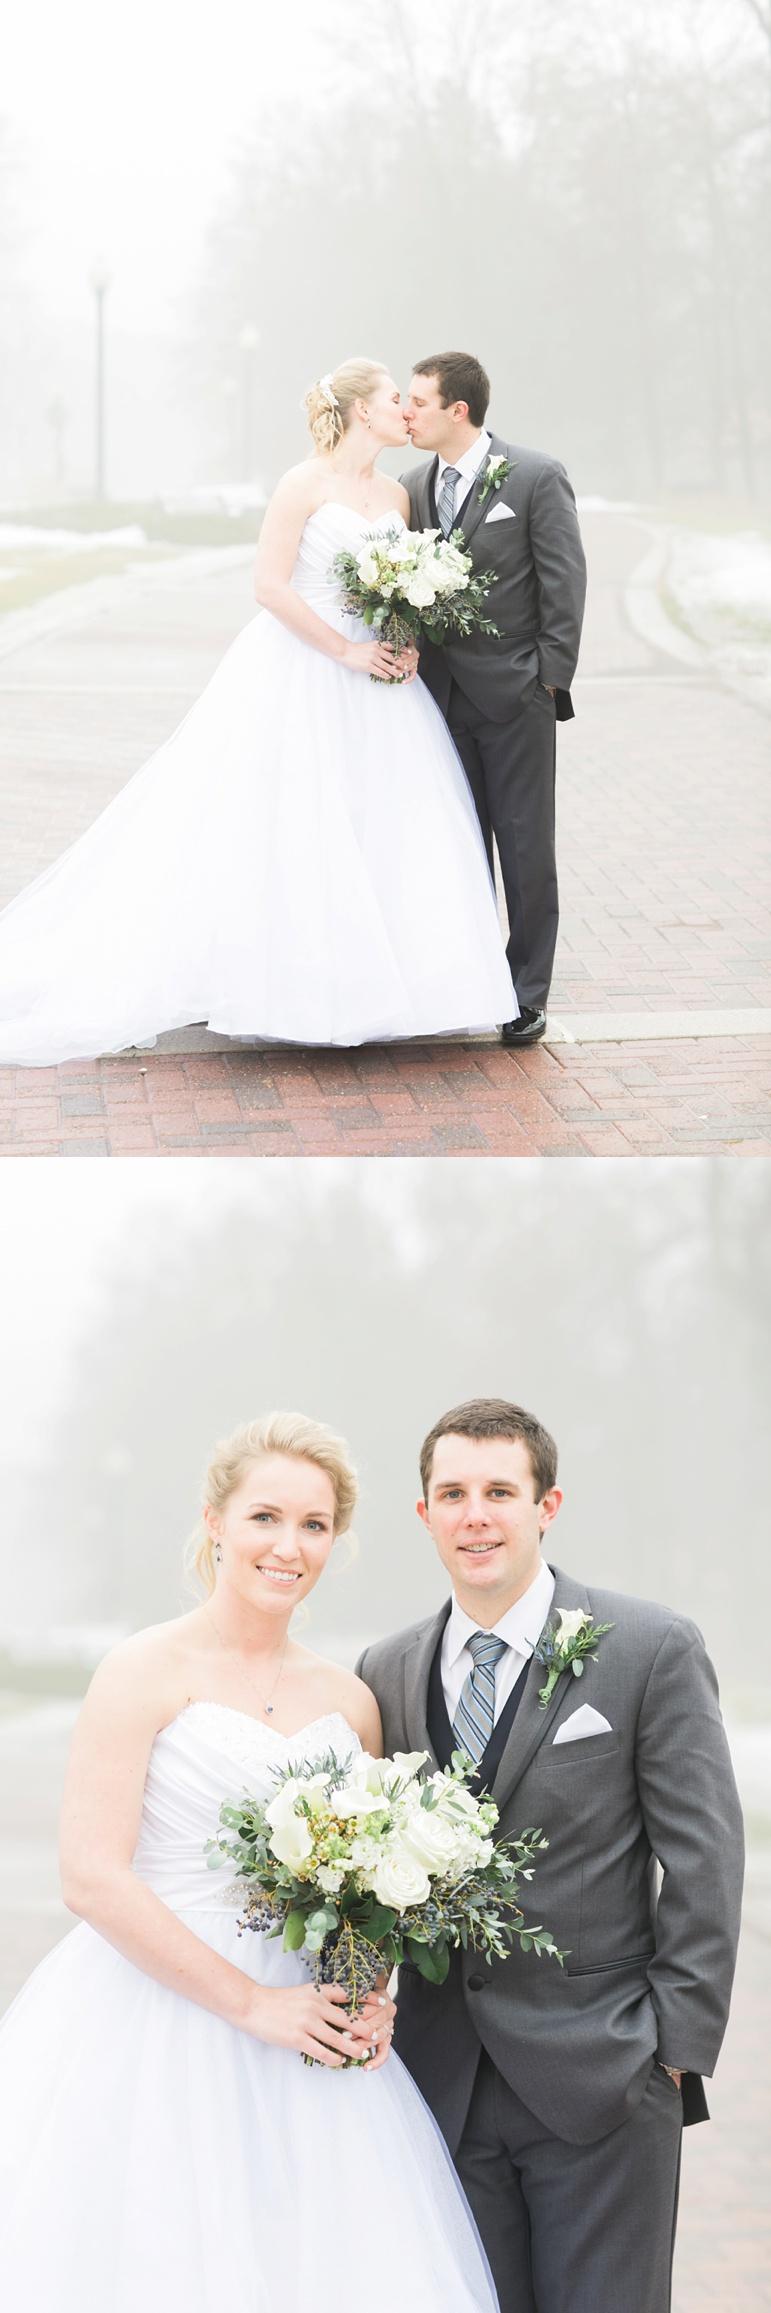 Lake Geneva Wedding Photographers, Osthoff Resort Wedding, Elkhart Lake WI, The Flower Gallery Manitowoc